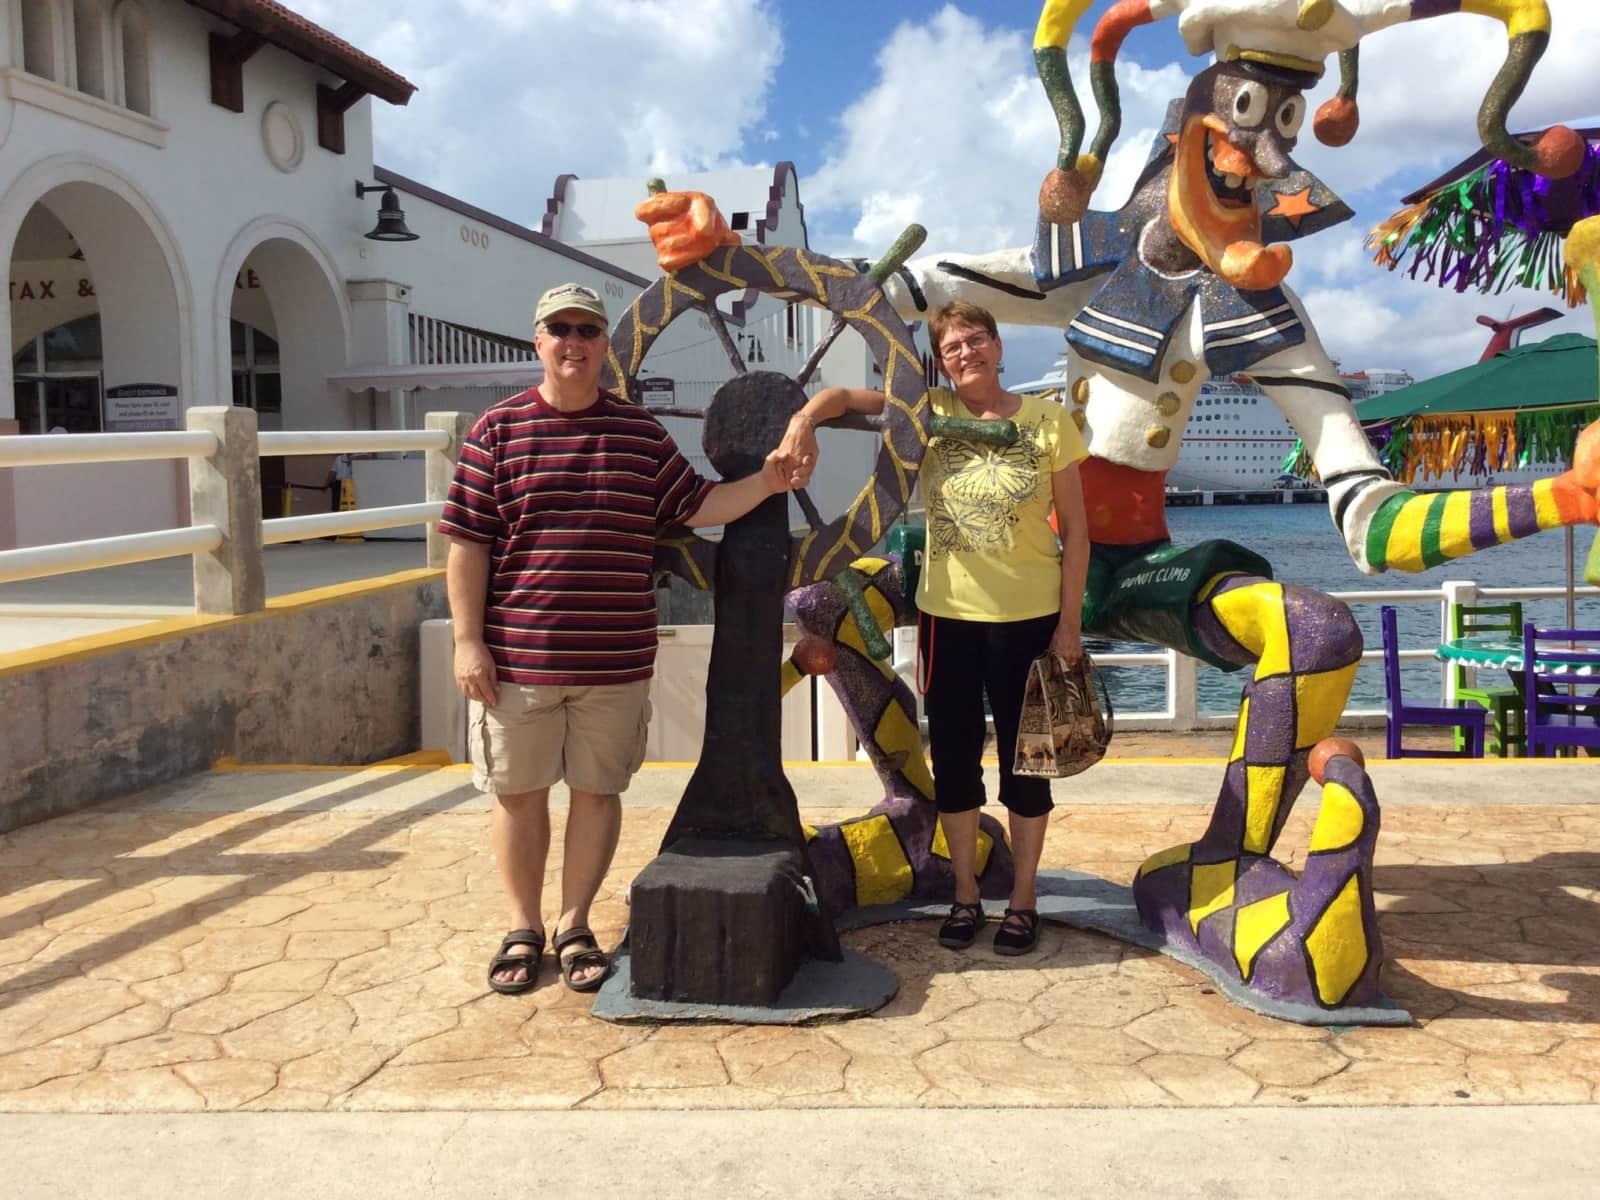 Steve and karen & Steve from Jensen Beach, Florida, United States